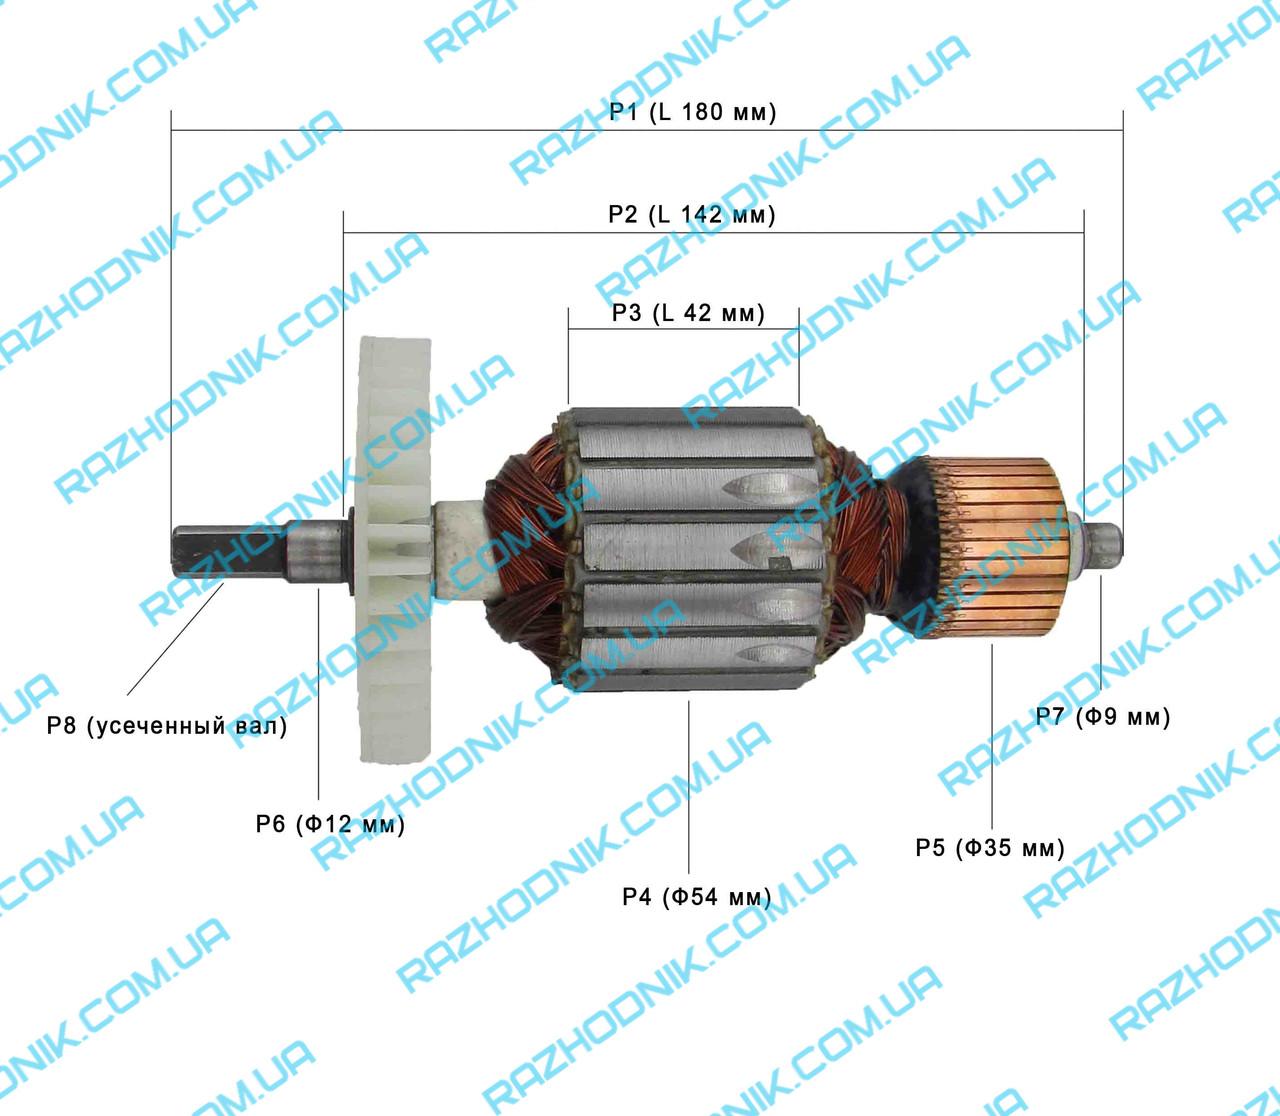 Якорь на цепную пилу Тайга ПЦ-2200